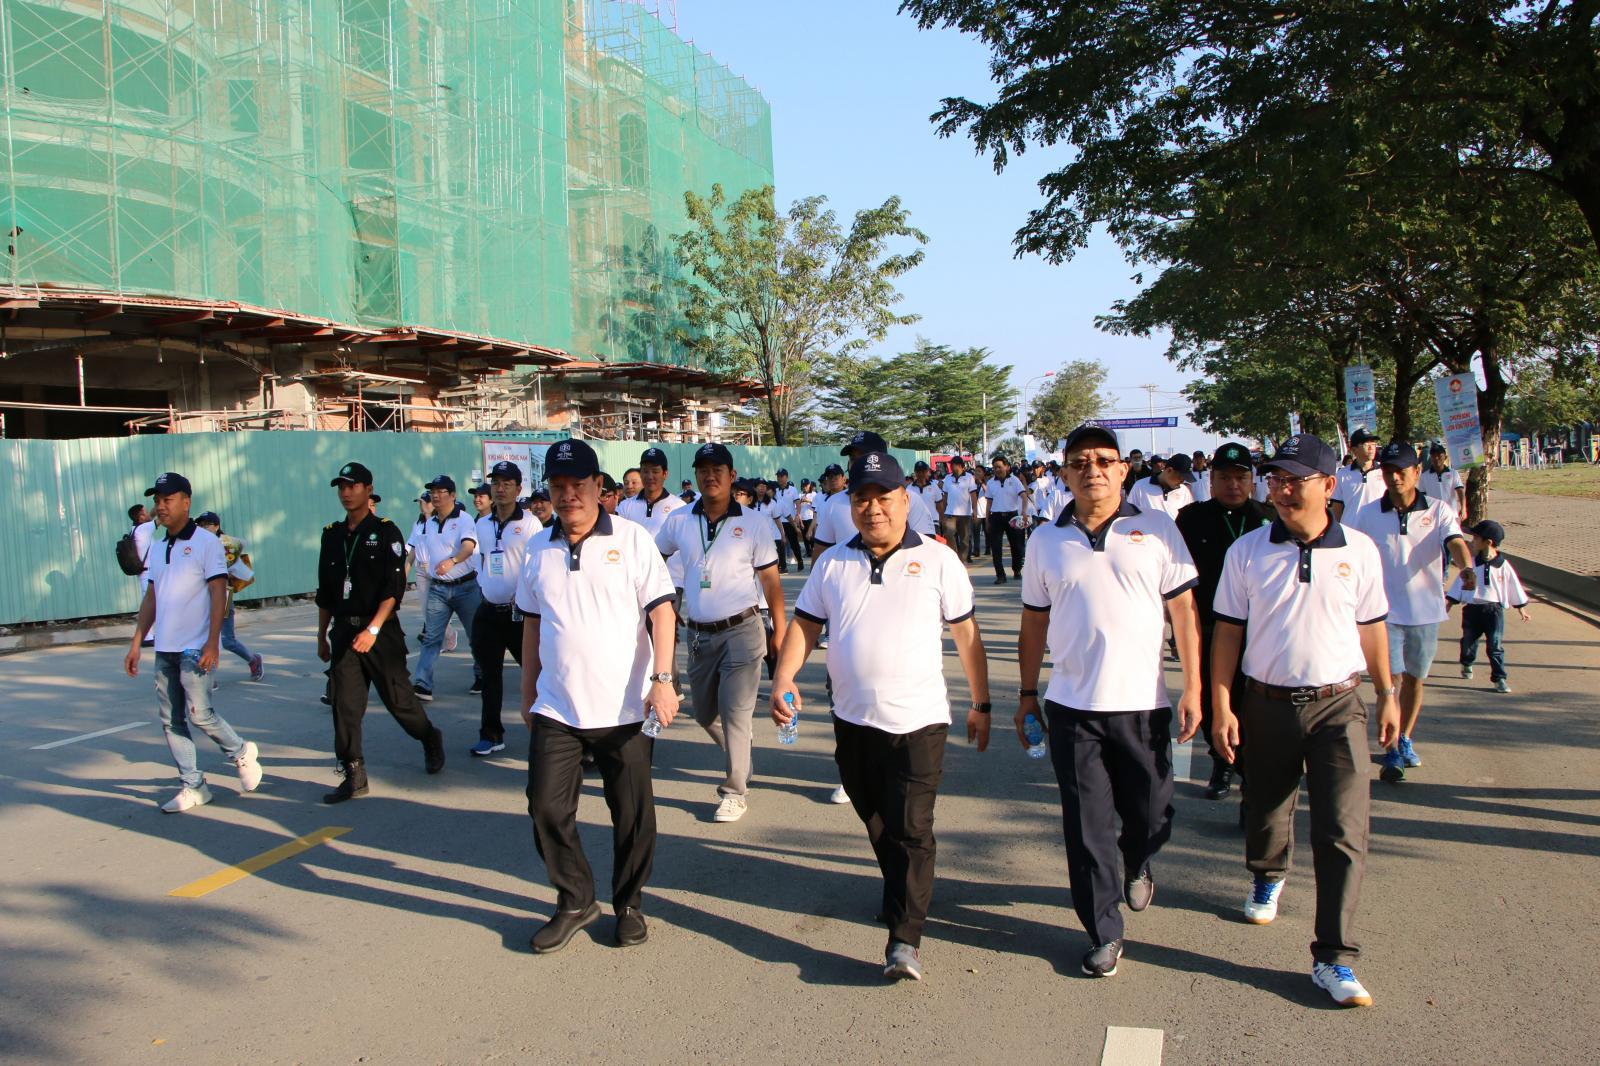 Nhiều người mặc áo phông trắng đang đi bộ tại một con đường trong khu đô thị